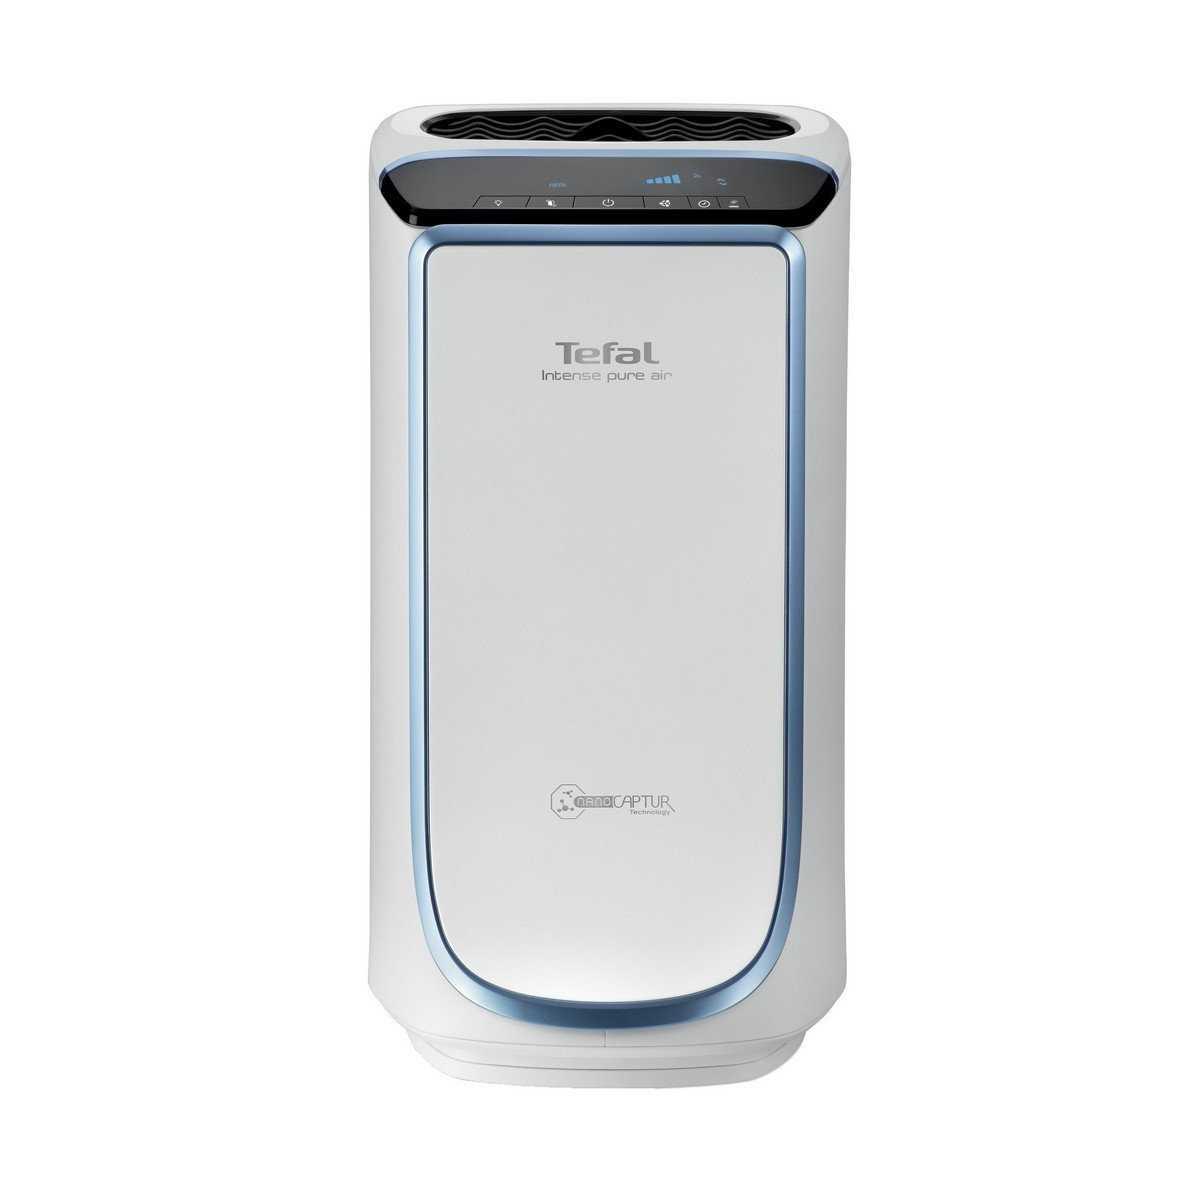 Tefal Intense Pure Air Room Air Purifier